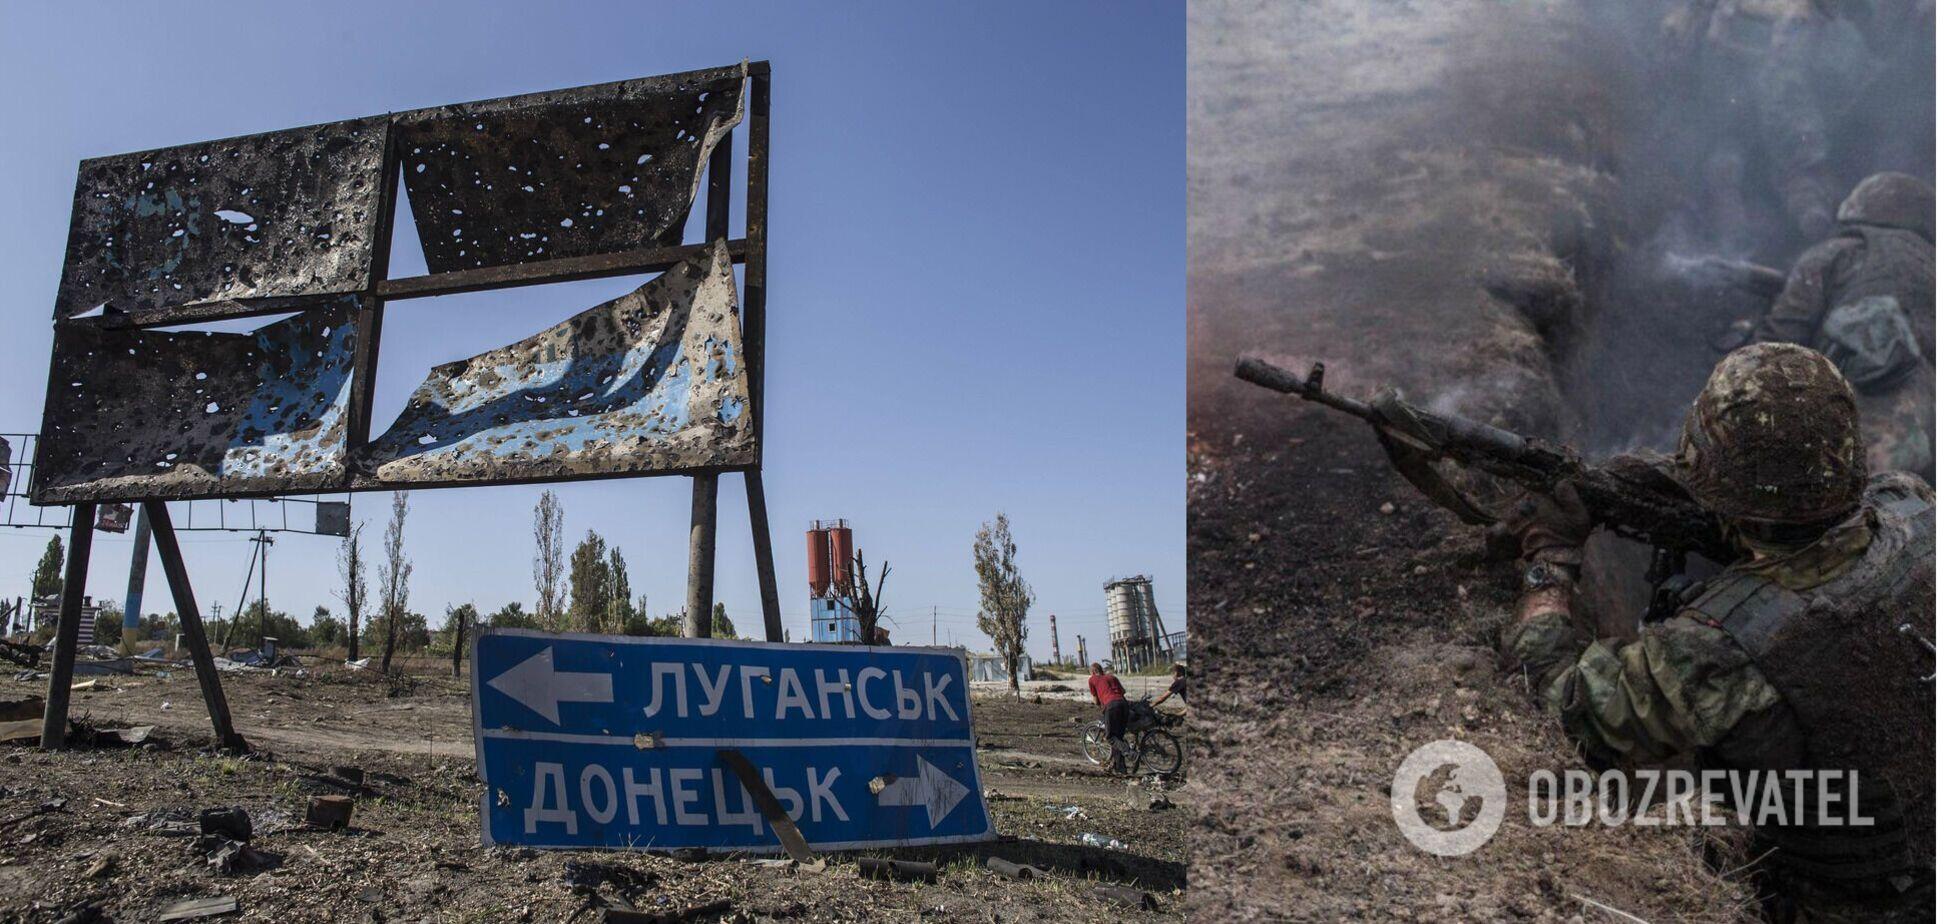 Военный корреспондент – об обострении на Донбассе: на фронте мы выглядим терпилами, перемирие вылезет нам боком